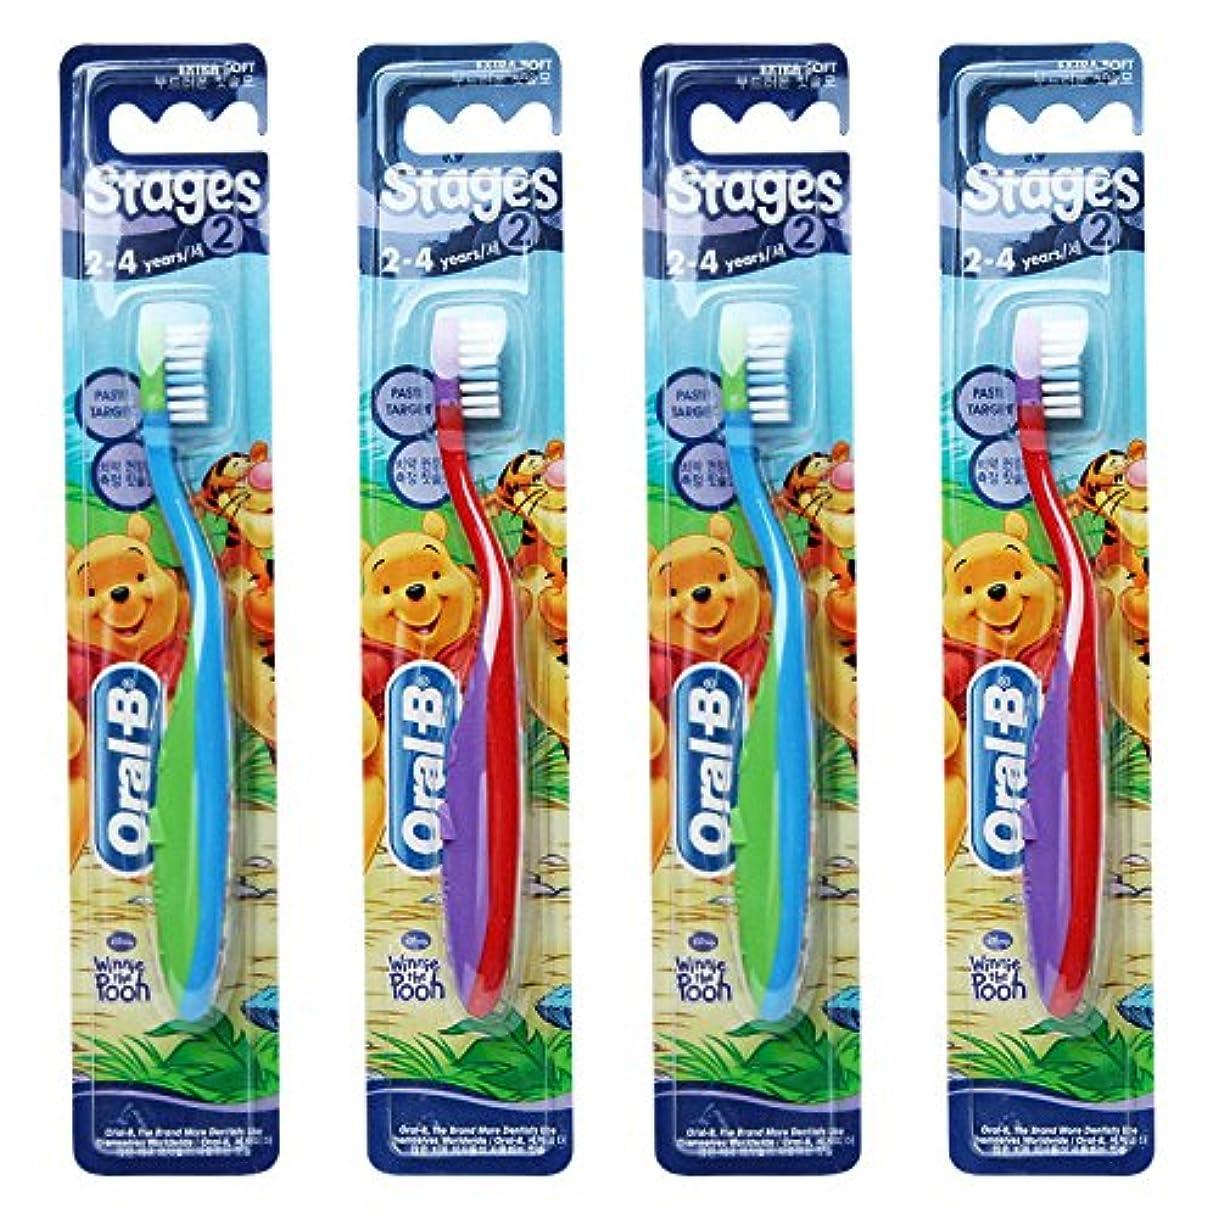 整理するフロントびっくりするOral-B Stages 2 Toothbrush 2 - 4 years 4 Pack /GENUINEと元の梱包 [並行輸入品]